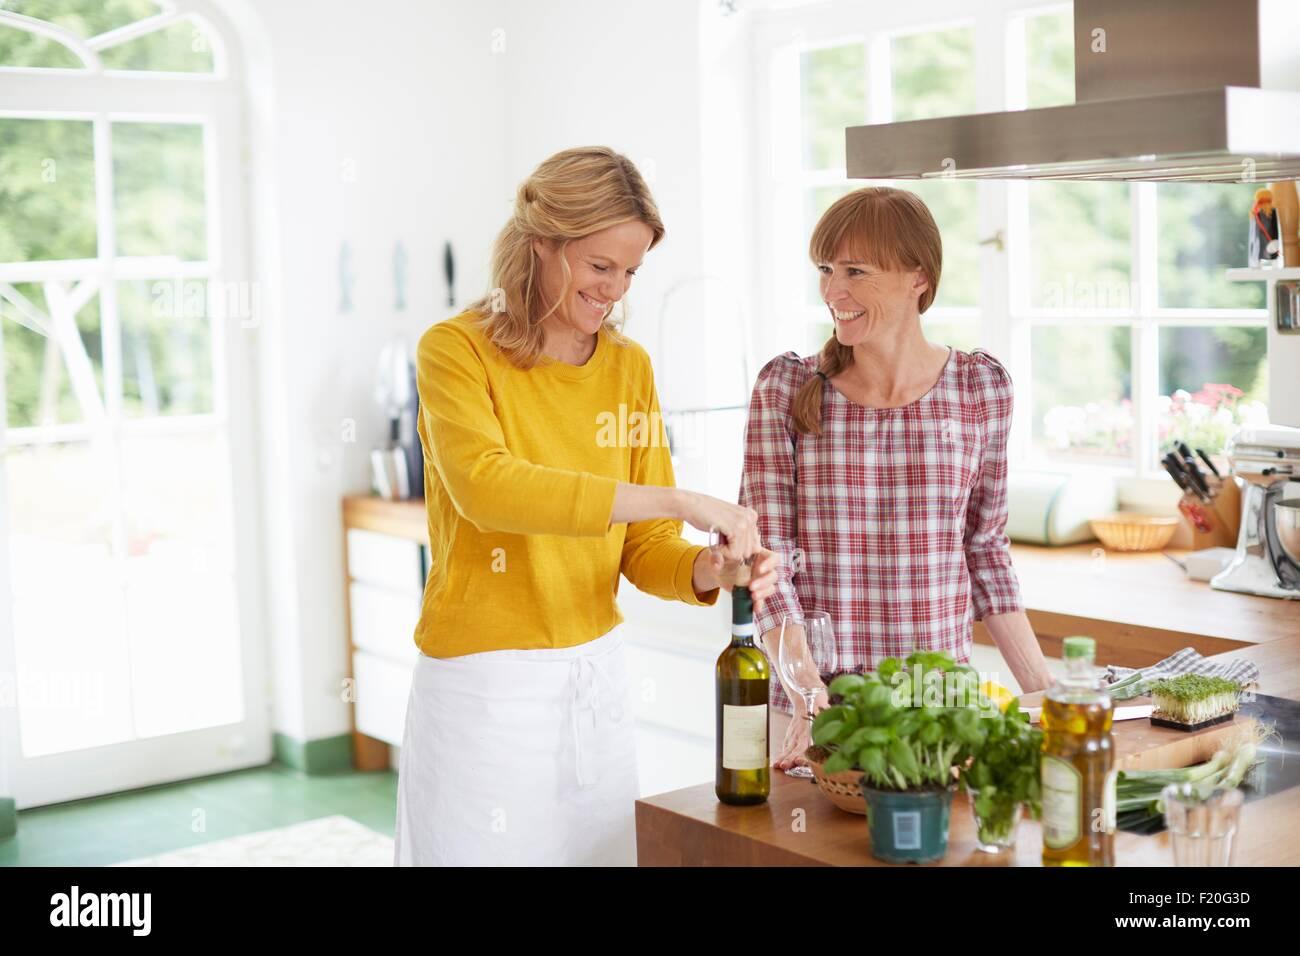 Bouteille de vin en ouverture femme cuisine Photo Stock